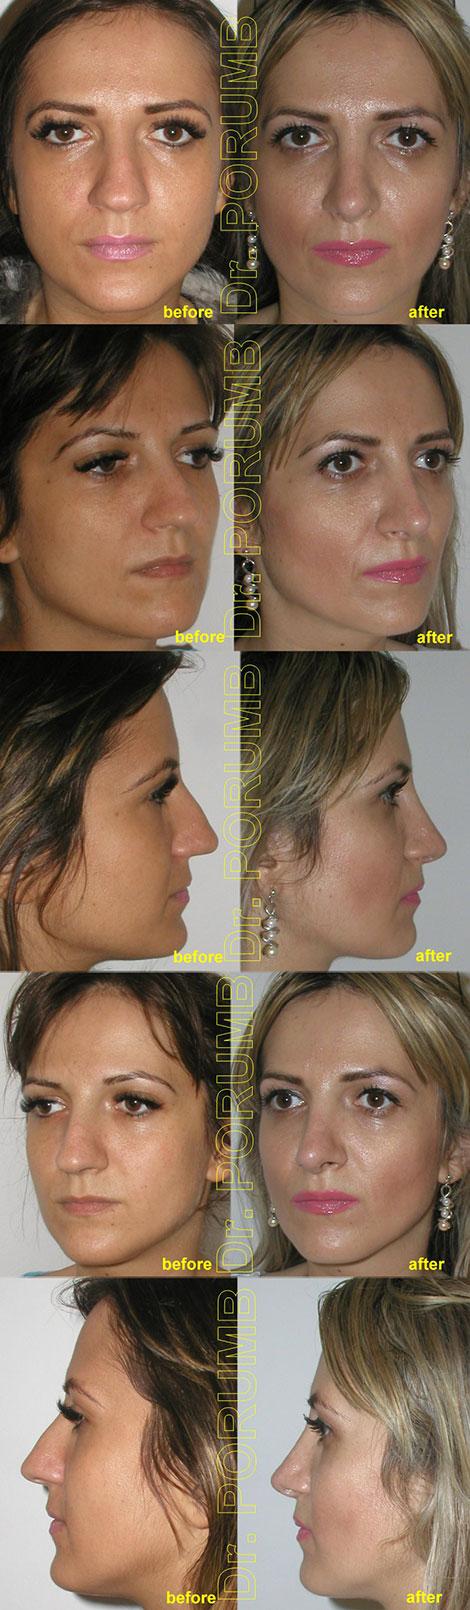 Pacienta de 27 ani, nemultumita de aspectul estetic al nasului, suferind si un t